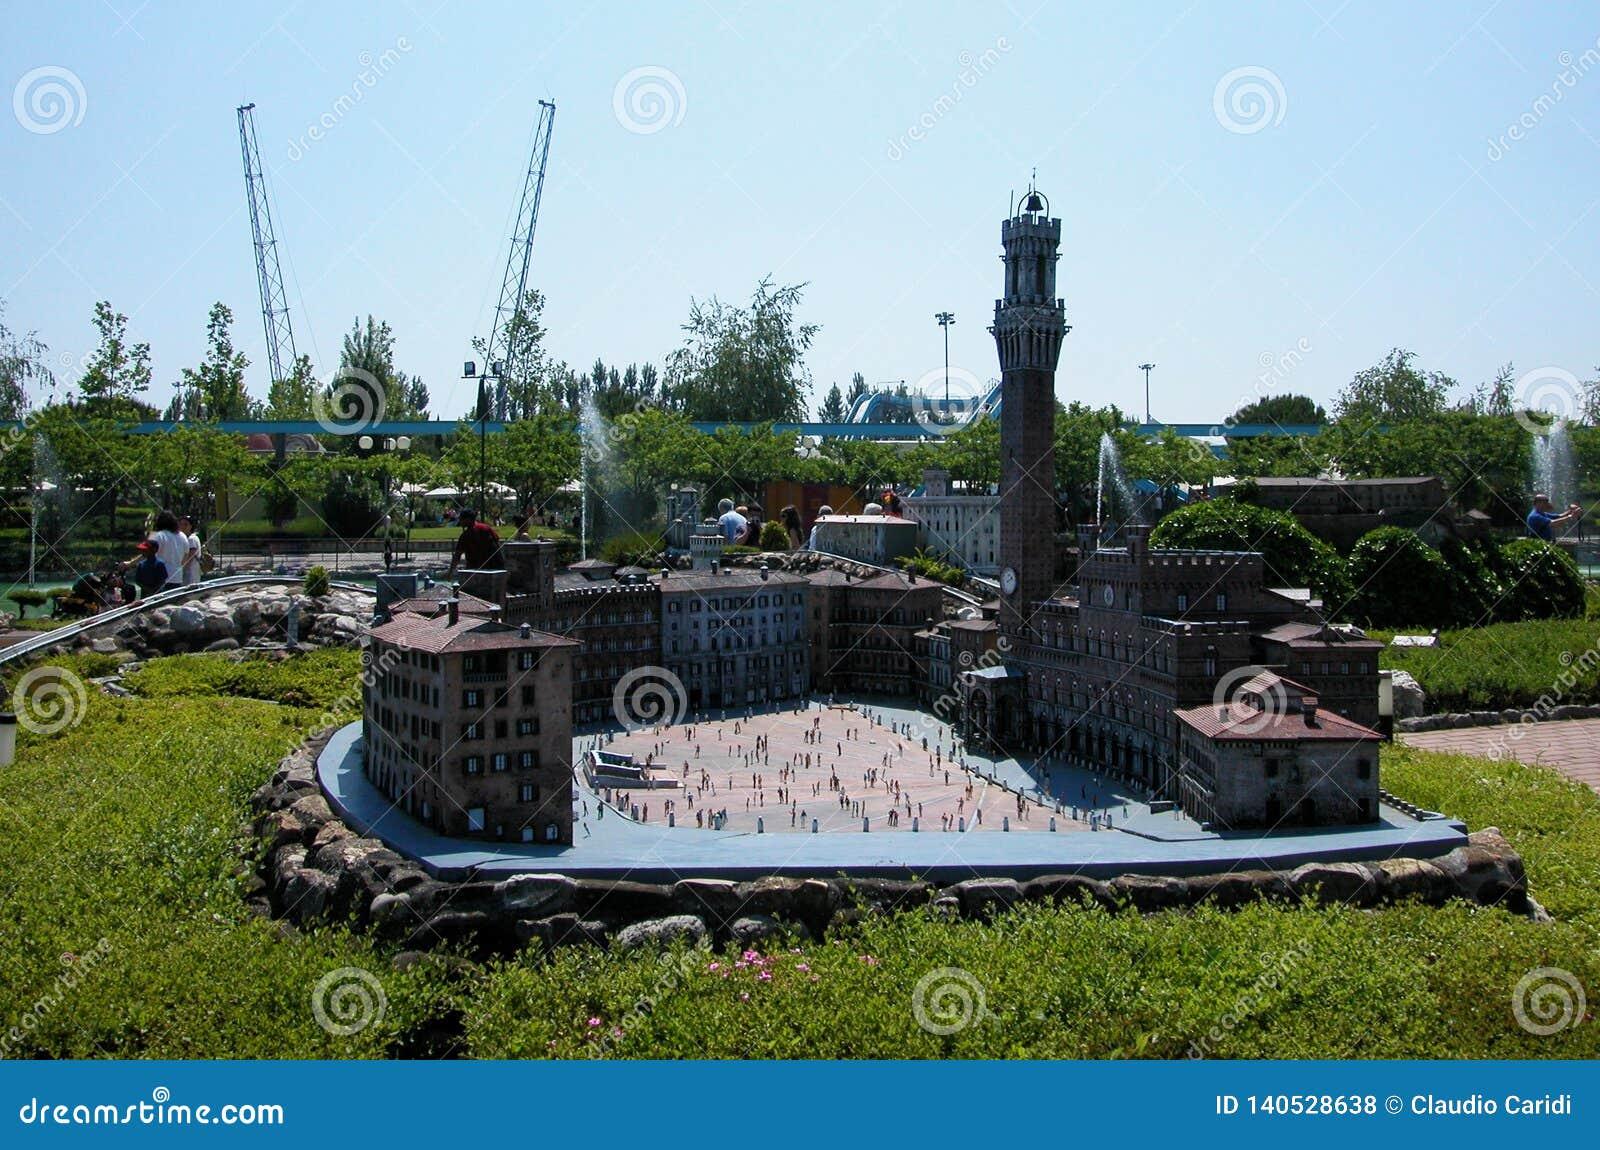 """Piazza del Campo Siena nel parco a tema """"Italia in miniatura """"Italia in miniatura Viserba, Rimini, Italia"""